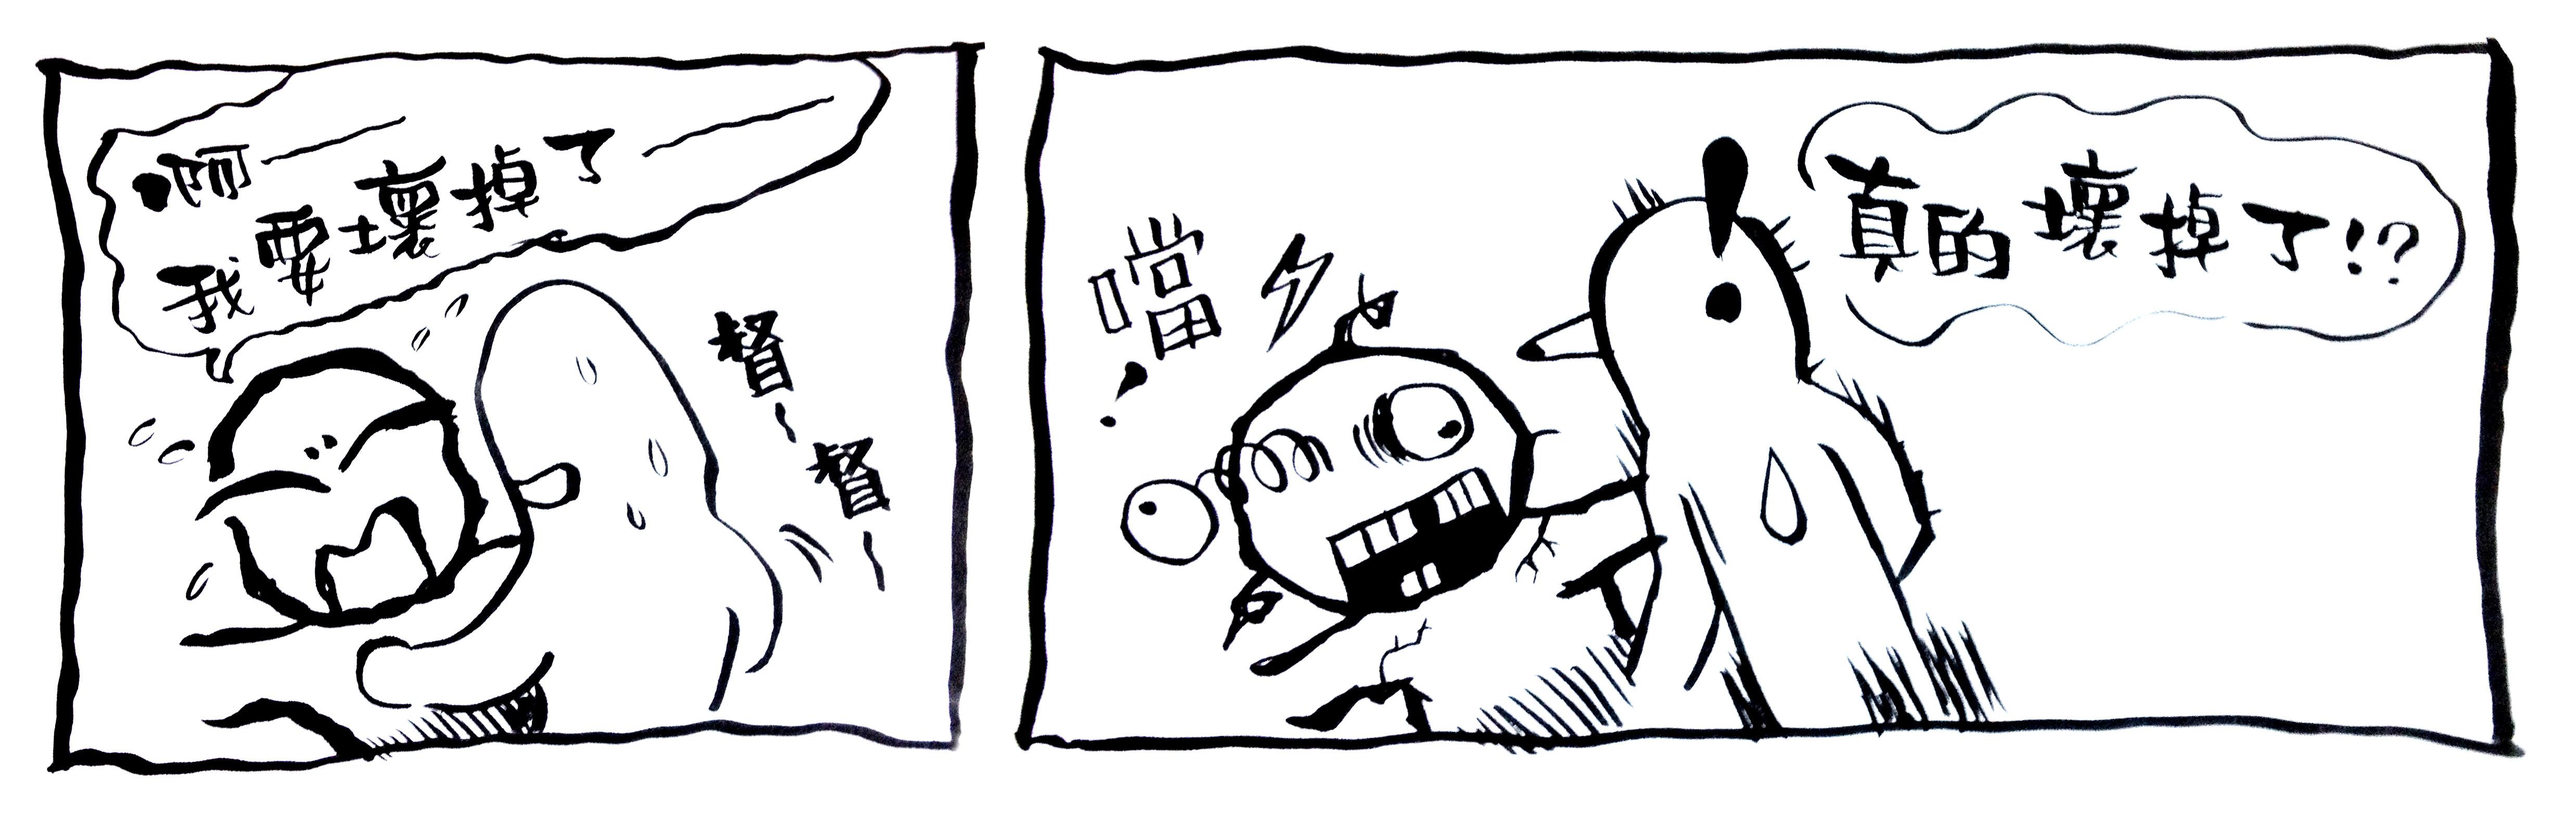 男同志網路交友檔案十大謎團(順便加映男同志巫山雲雨假高潮必備精囊妙計)(實在太白痴了決定再加漫畫)